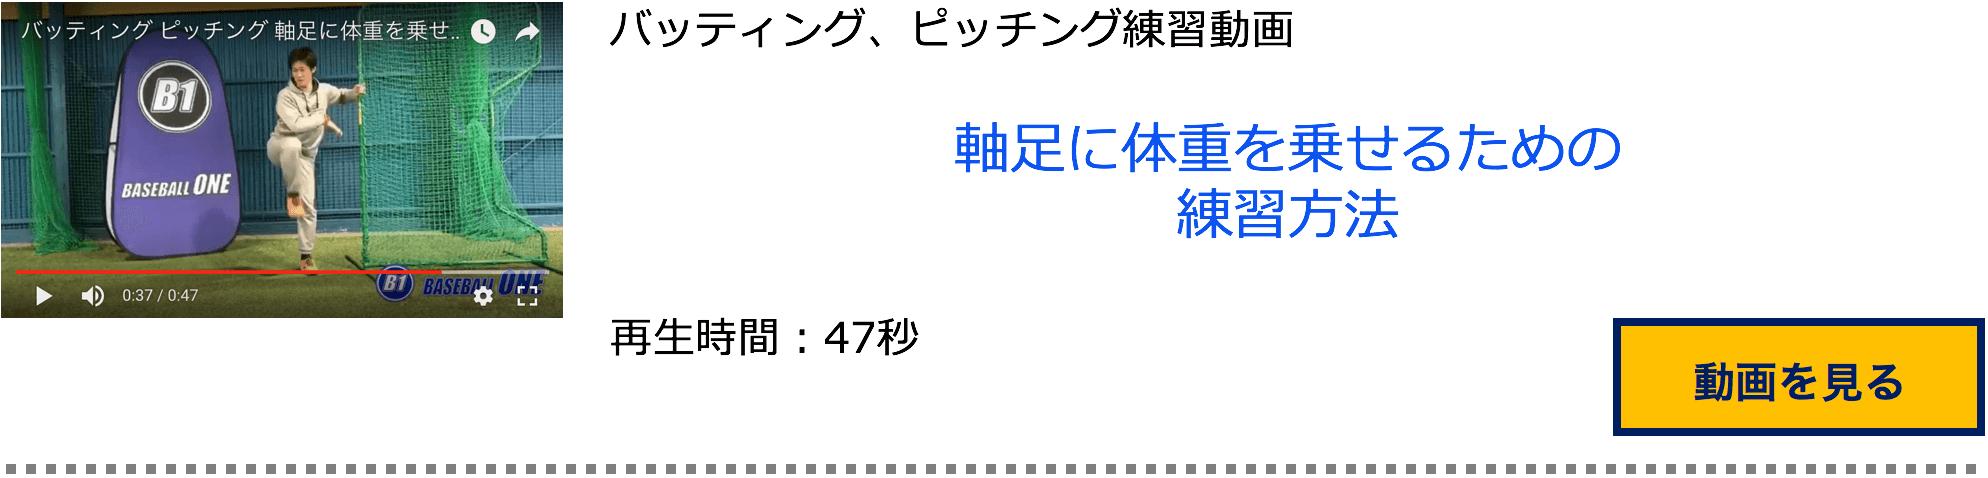 スクリーンショット 2017-05-17 18.33.31